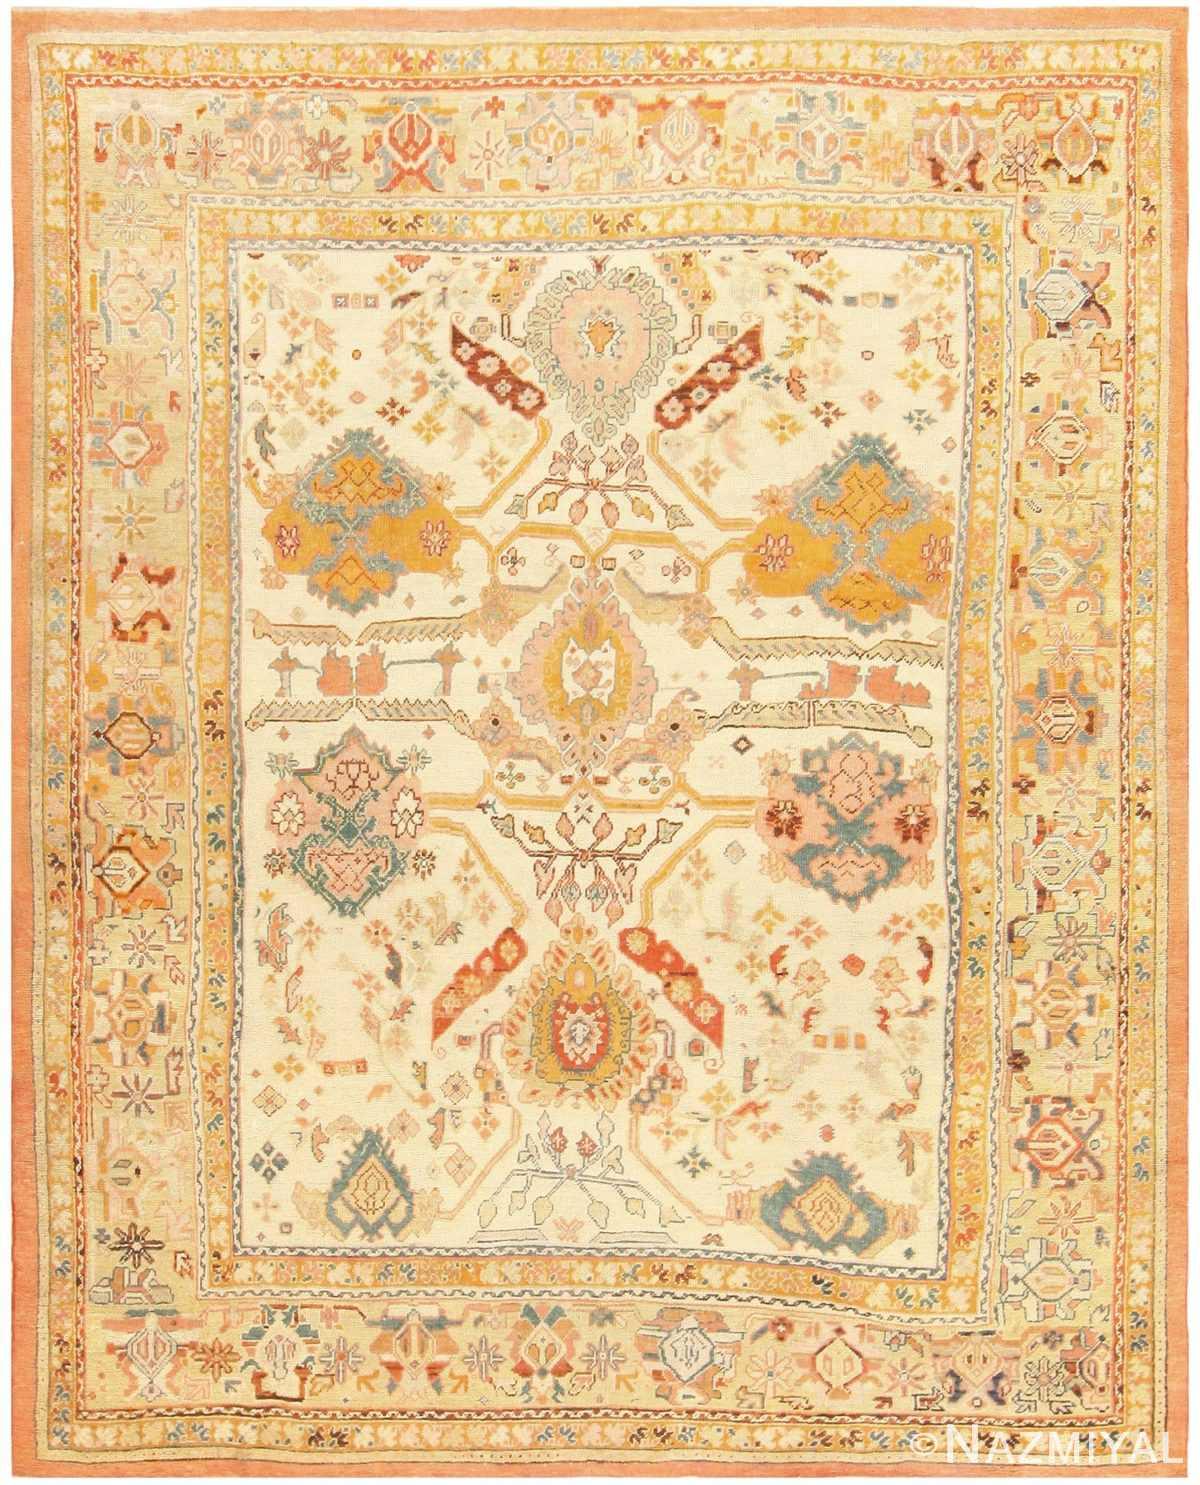 Antique Turkish Oushak Rug 48157 Detail/Large View